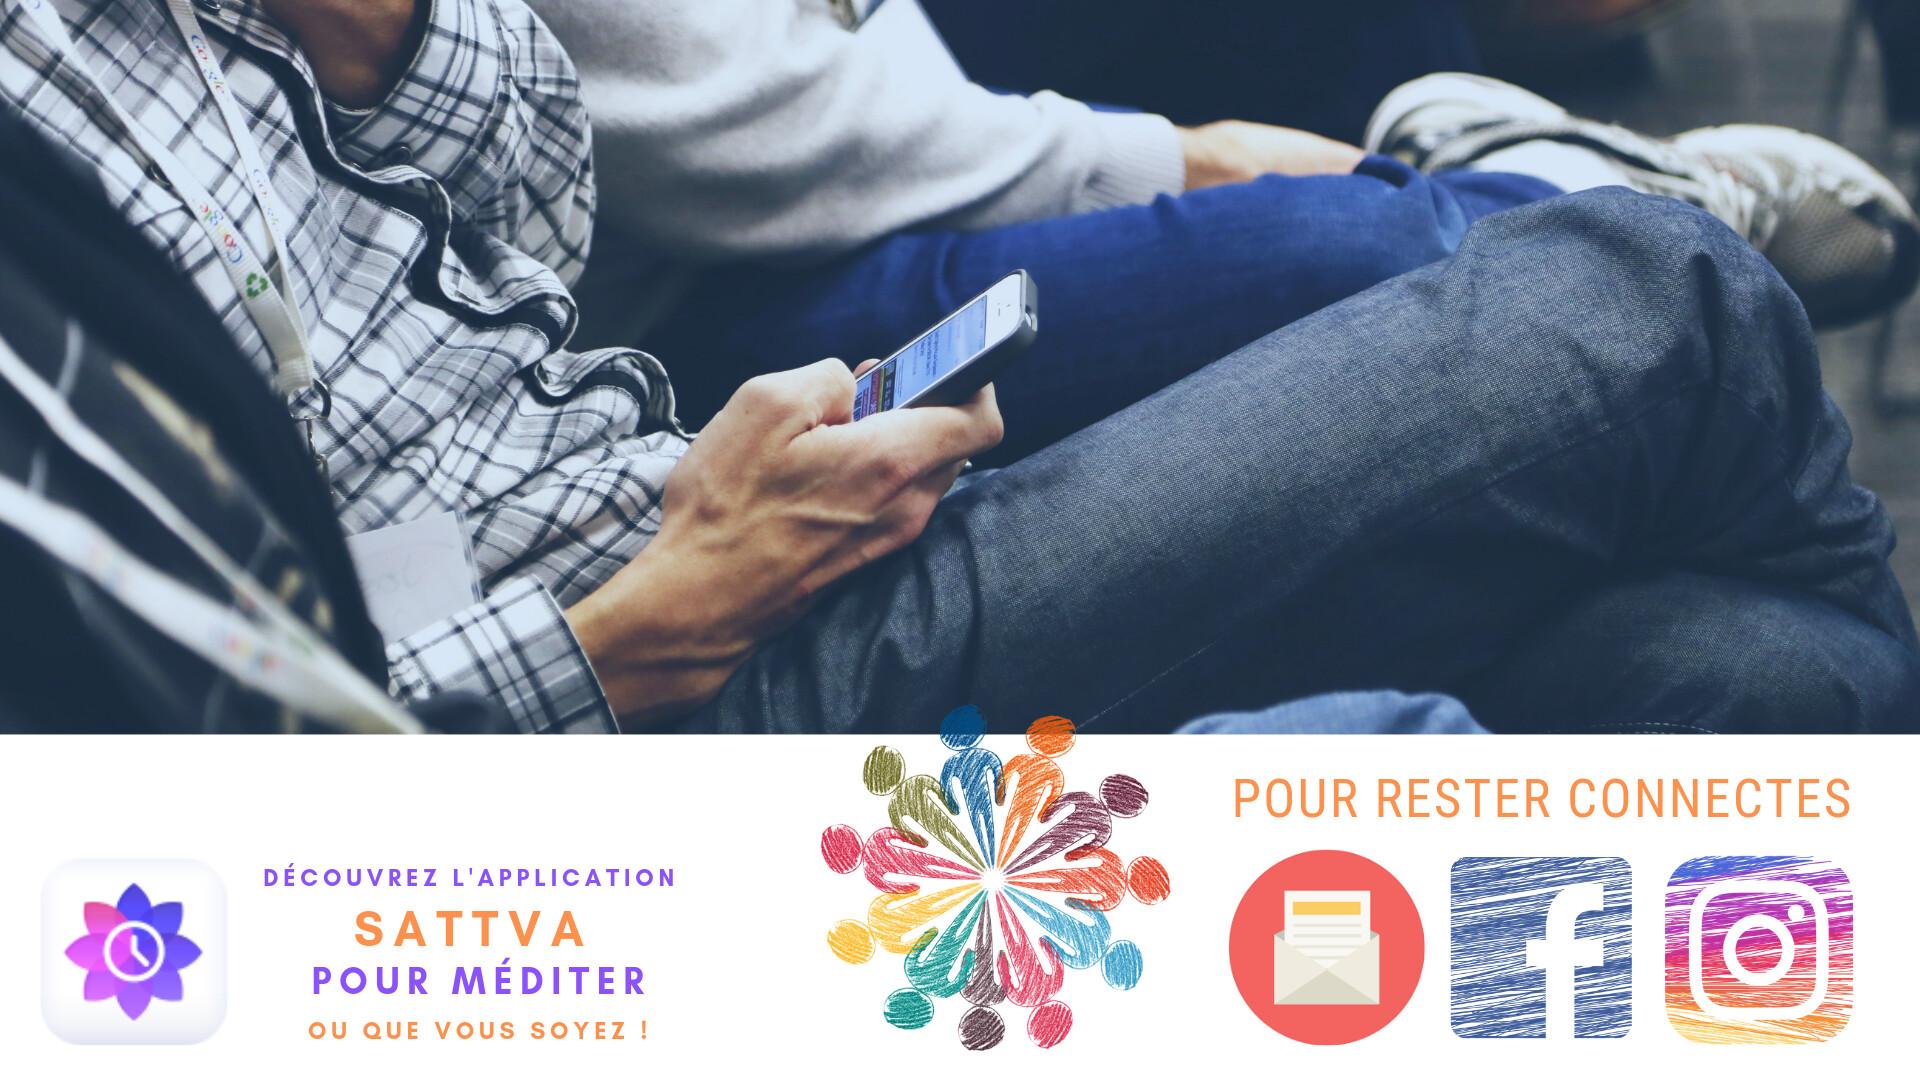 Restons connectés, Facebook, Instagram, Newsletter, : recevez les infos pour vous programmer des moments de détente sur mesure